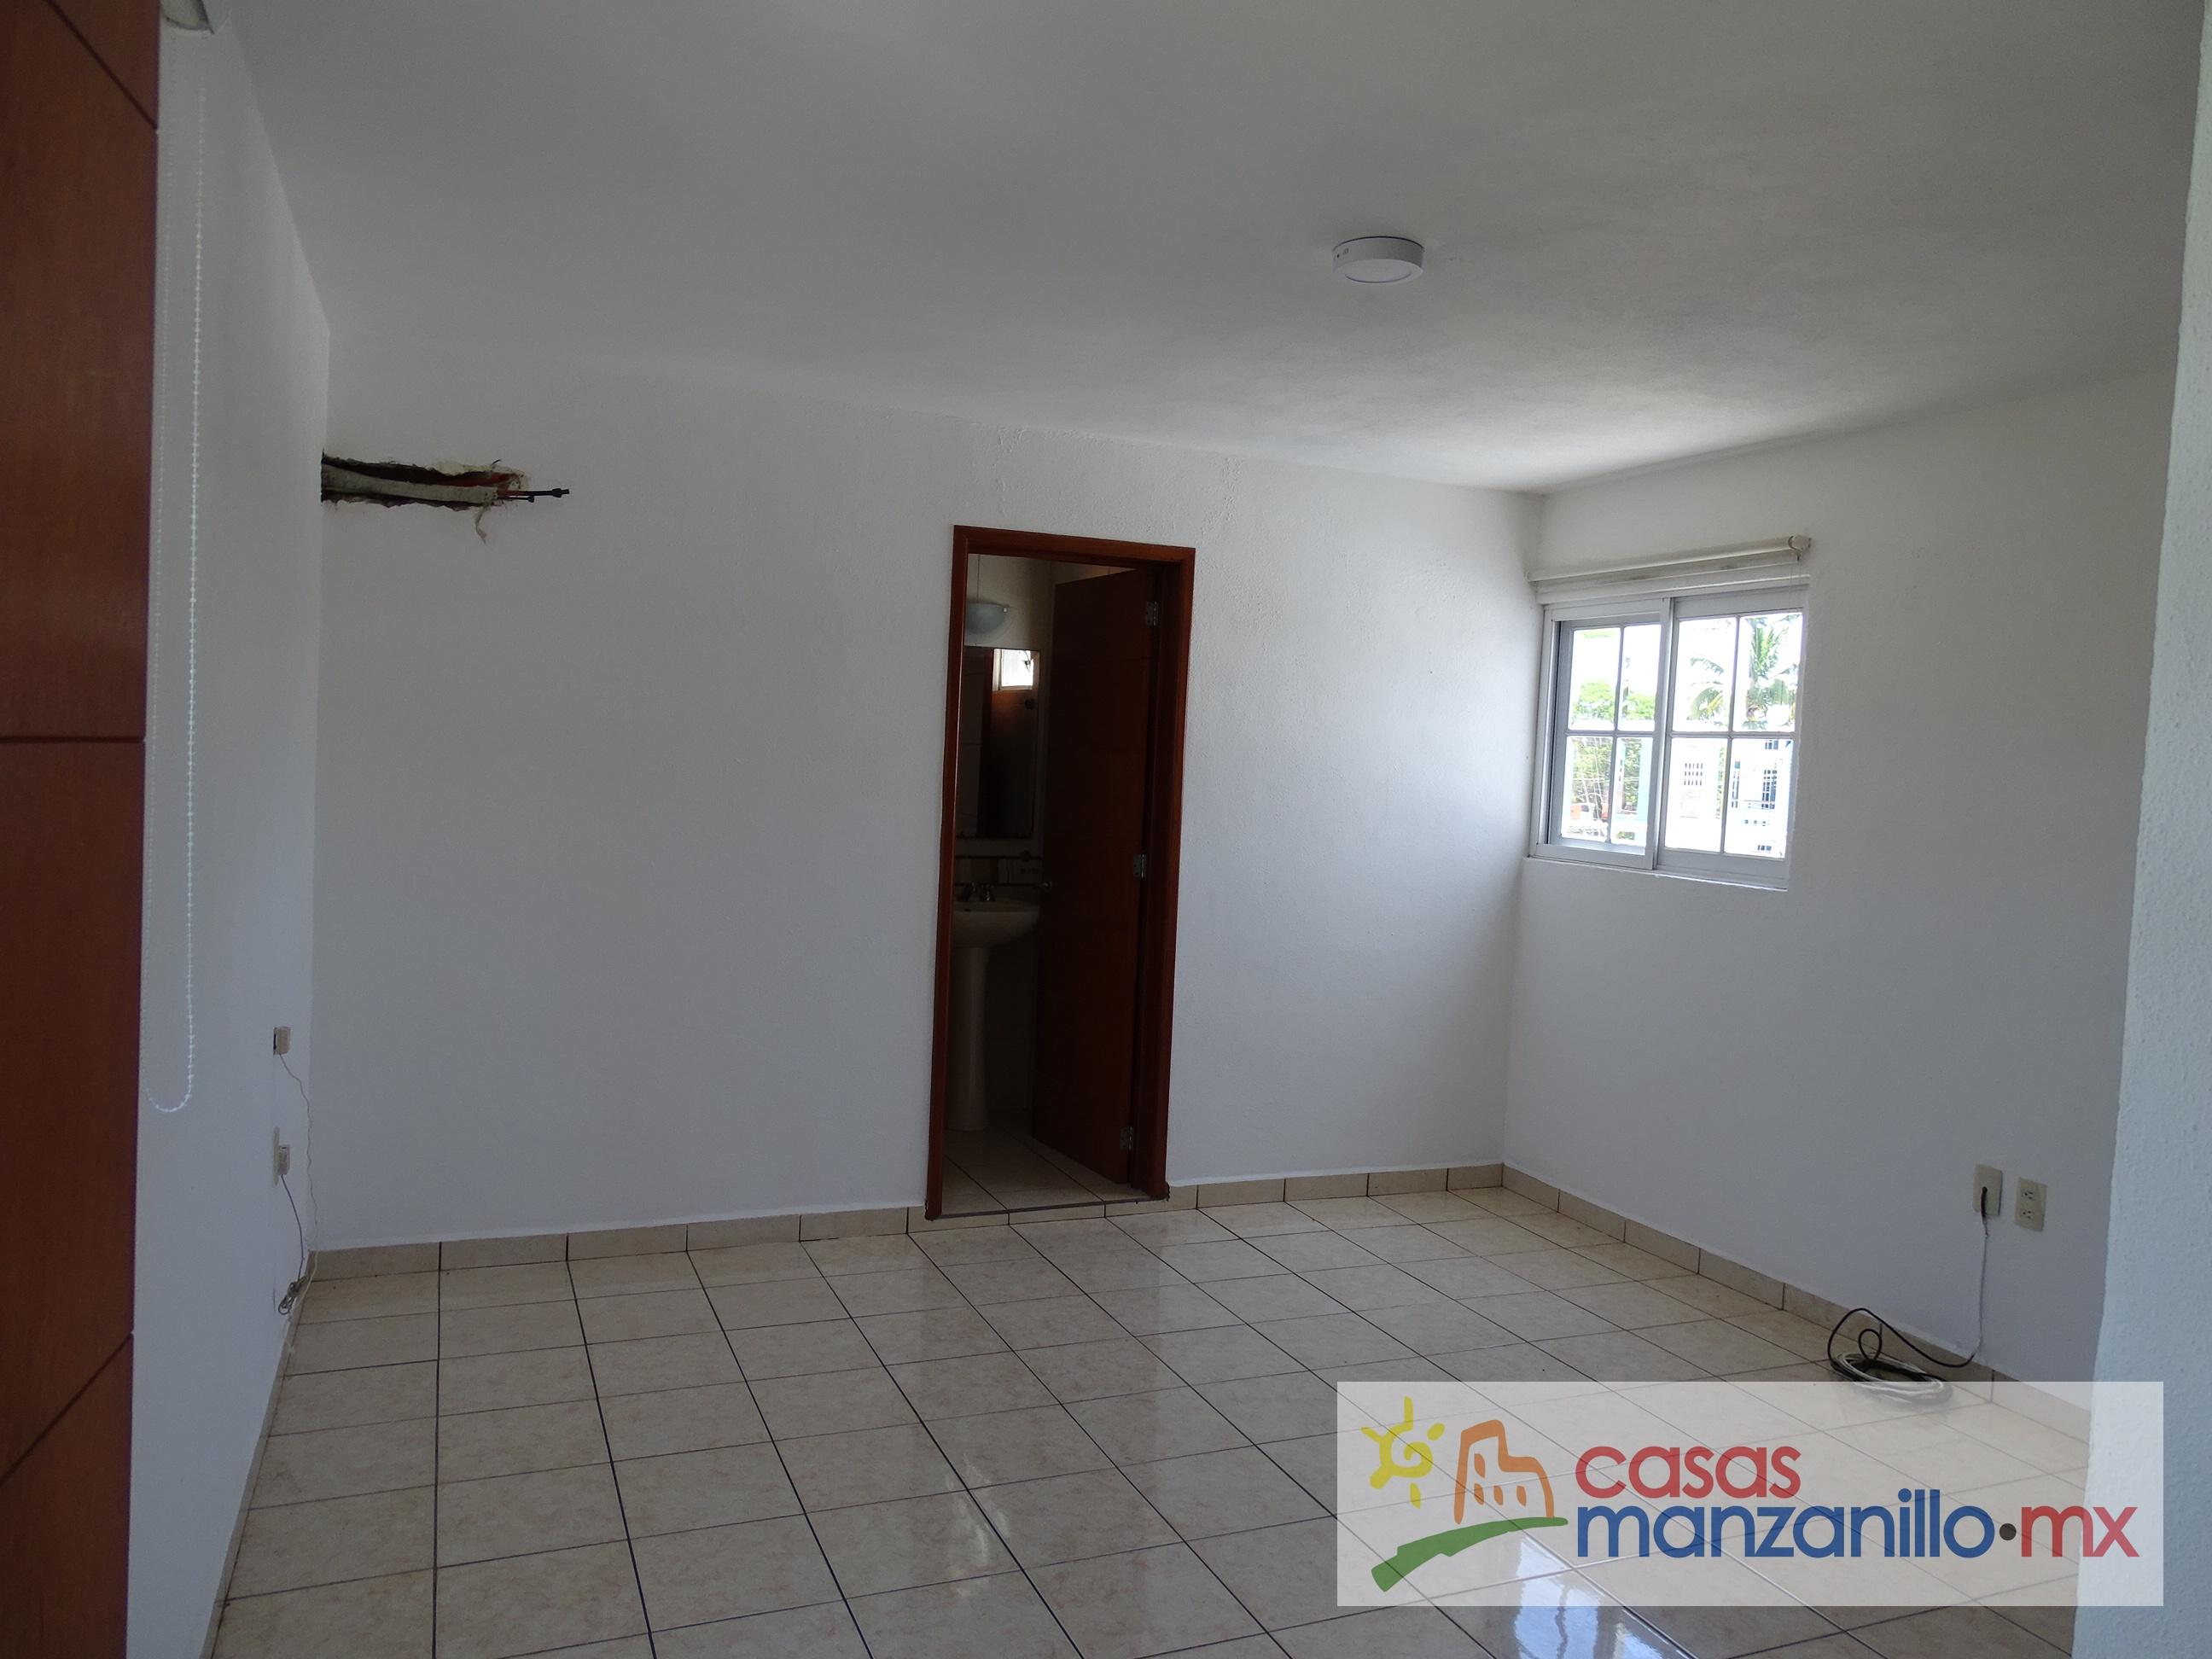 Casas VENTA Manzanillo - La Joya (43)